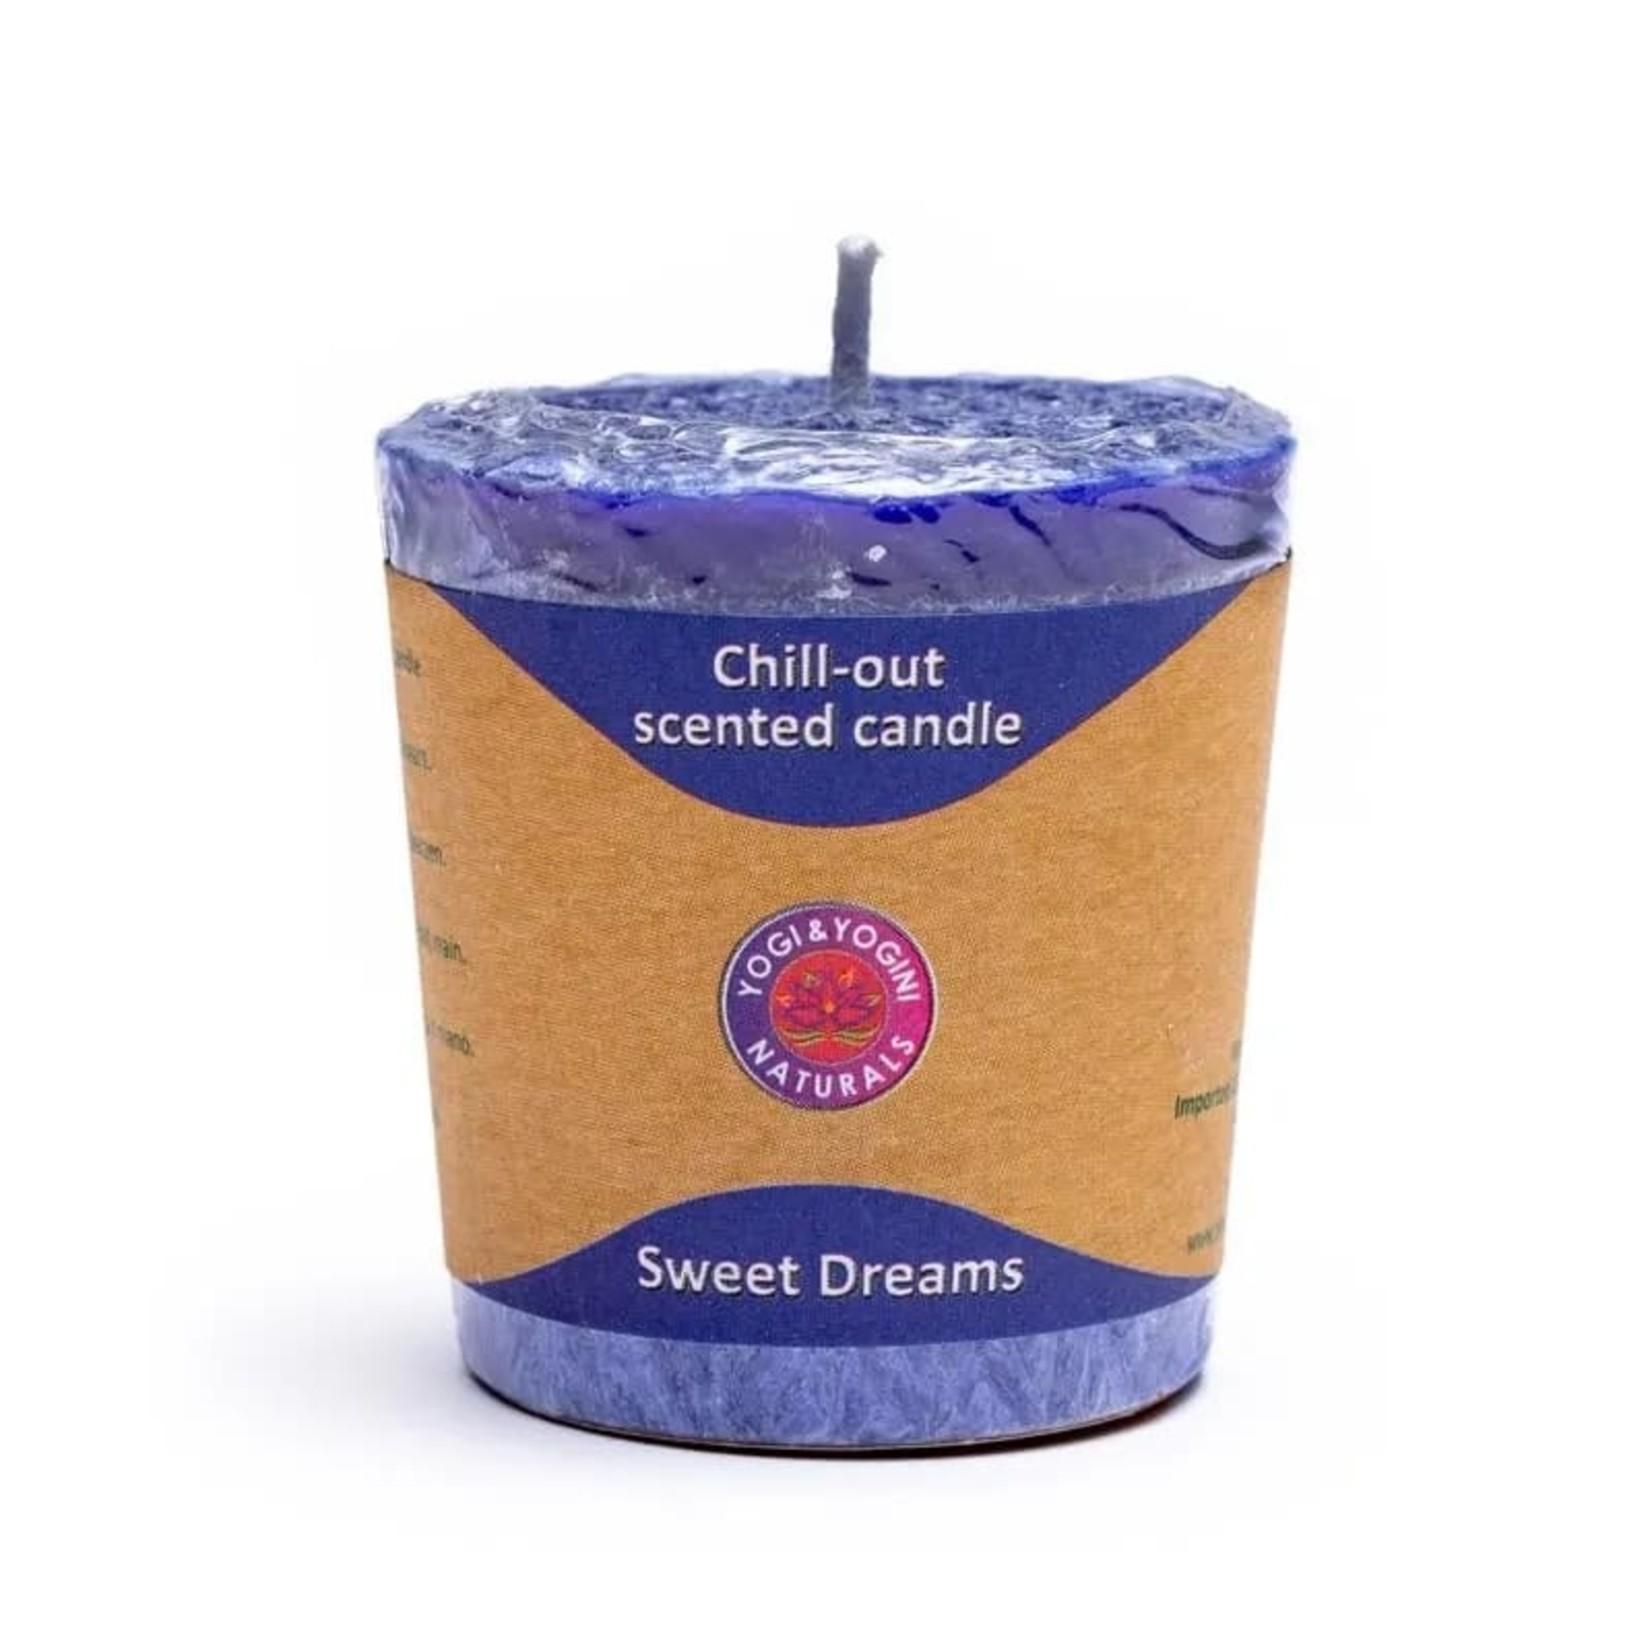 Yogi & yogini naturals Sweet Dreams geurkaarsje met lavendel, neroli en sinaasappel